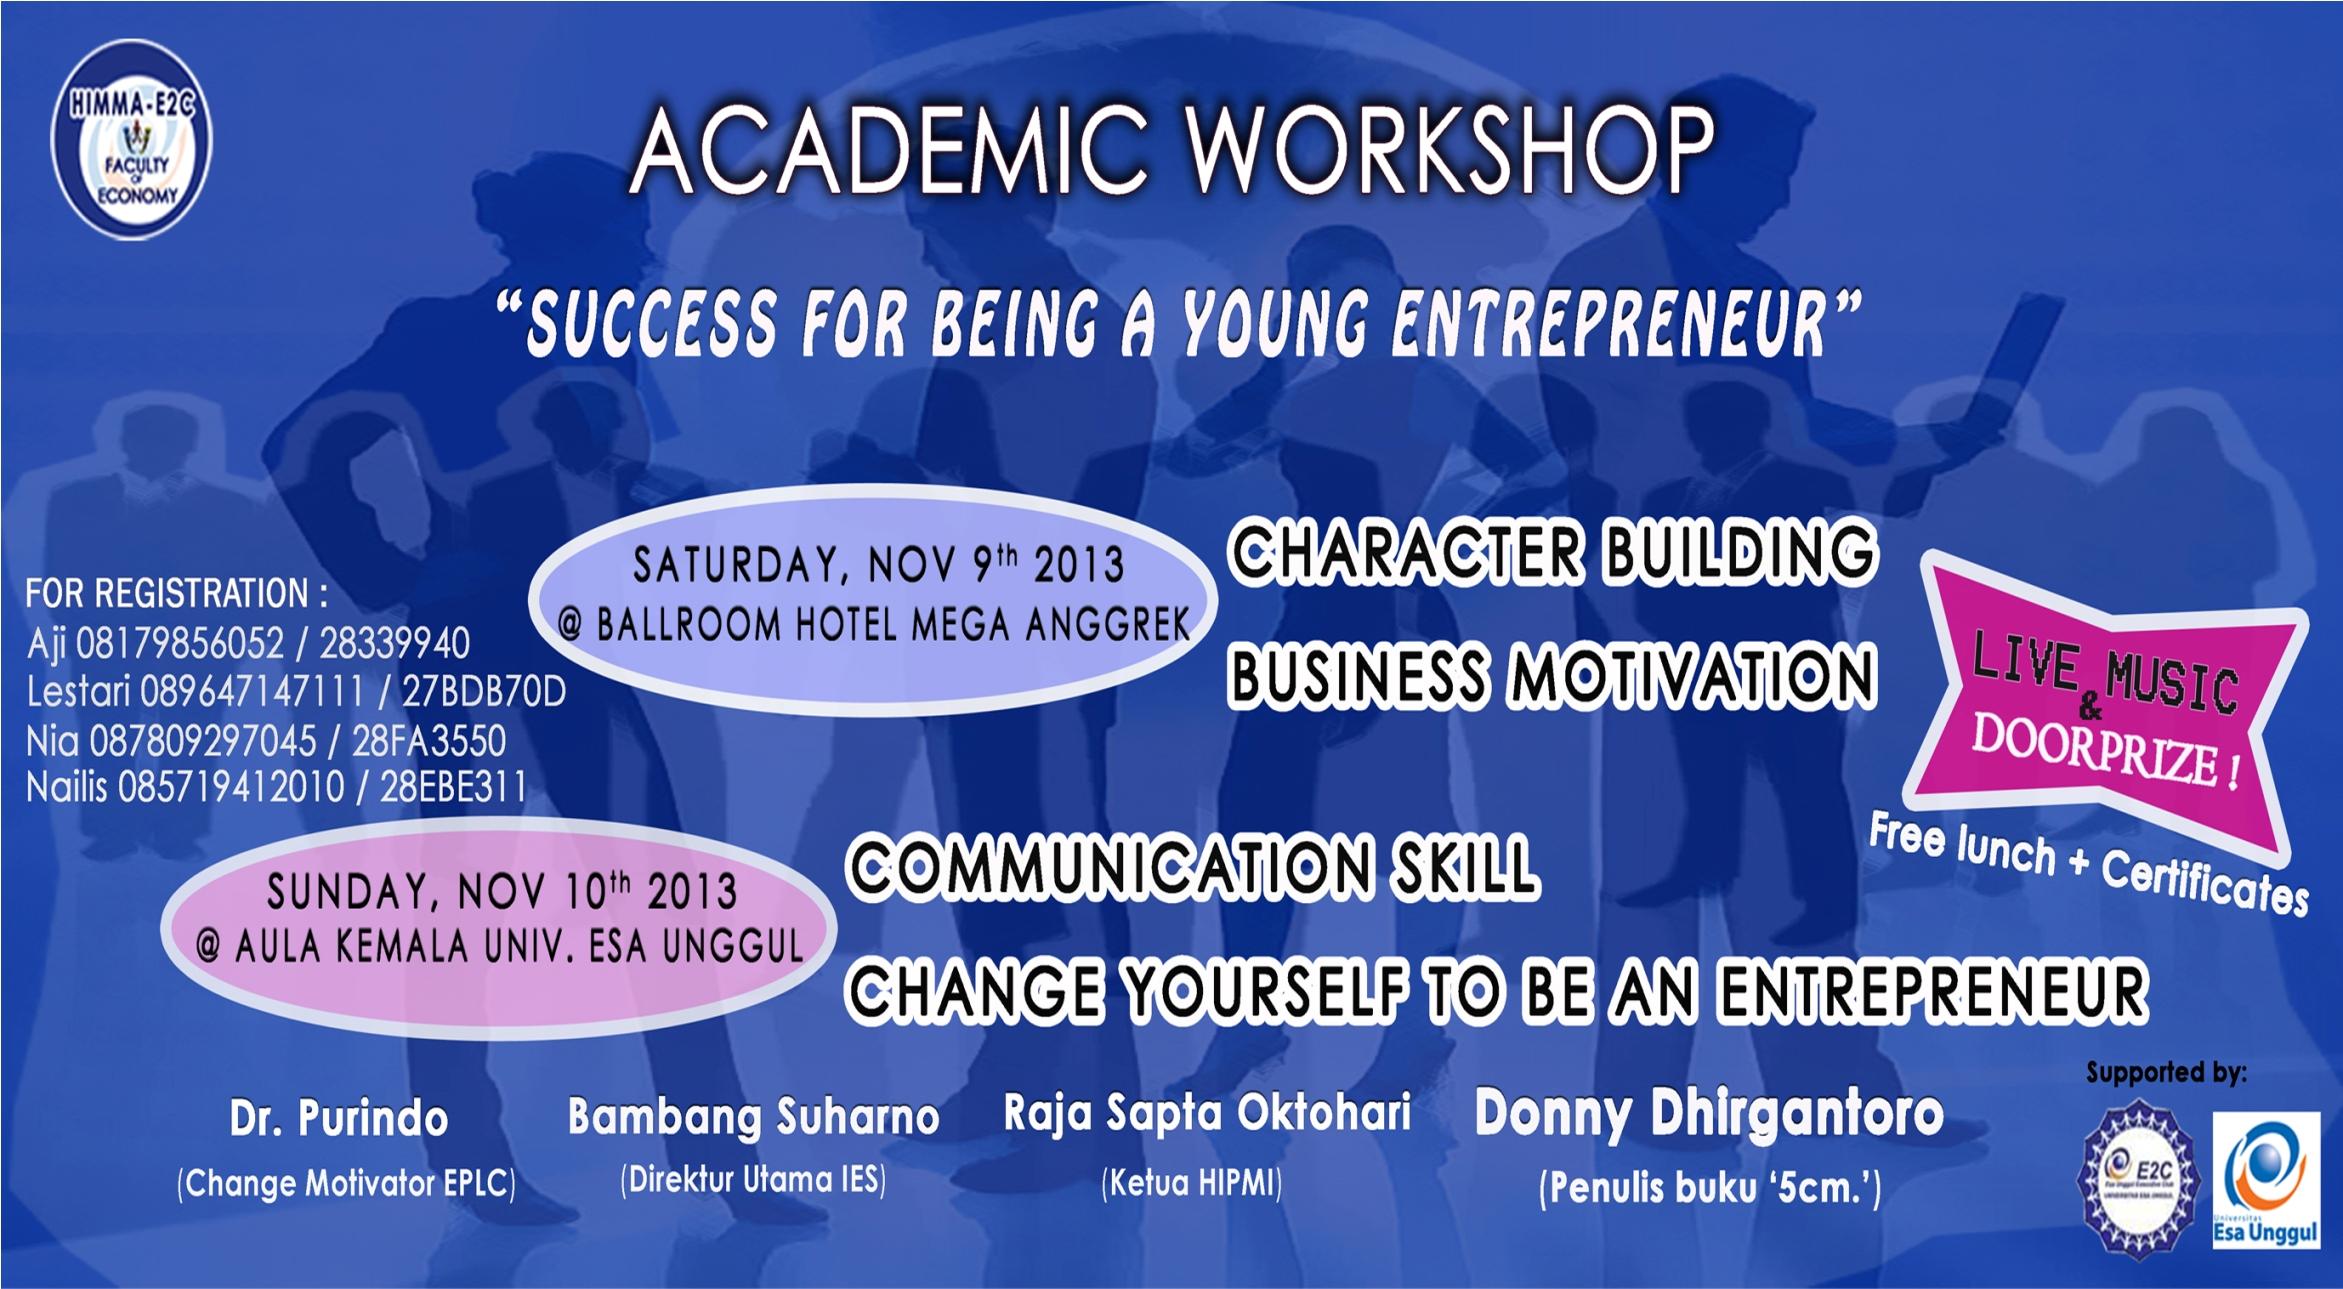 """HIMMA – E2C Fakultas Ekonomi Universitas Esa Unggul menyelenggarakan  Academic Workshop """" SUCCES FOR BEING A YOUNG ENTREPRENEUR """""""